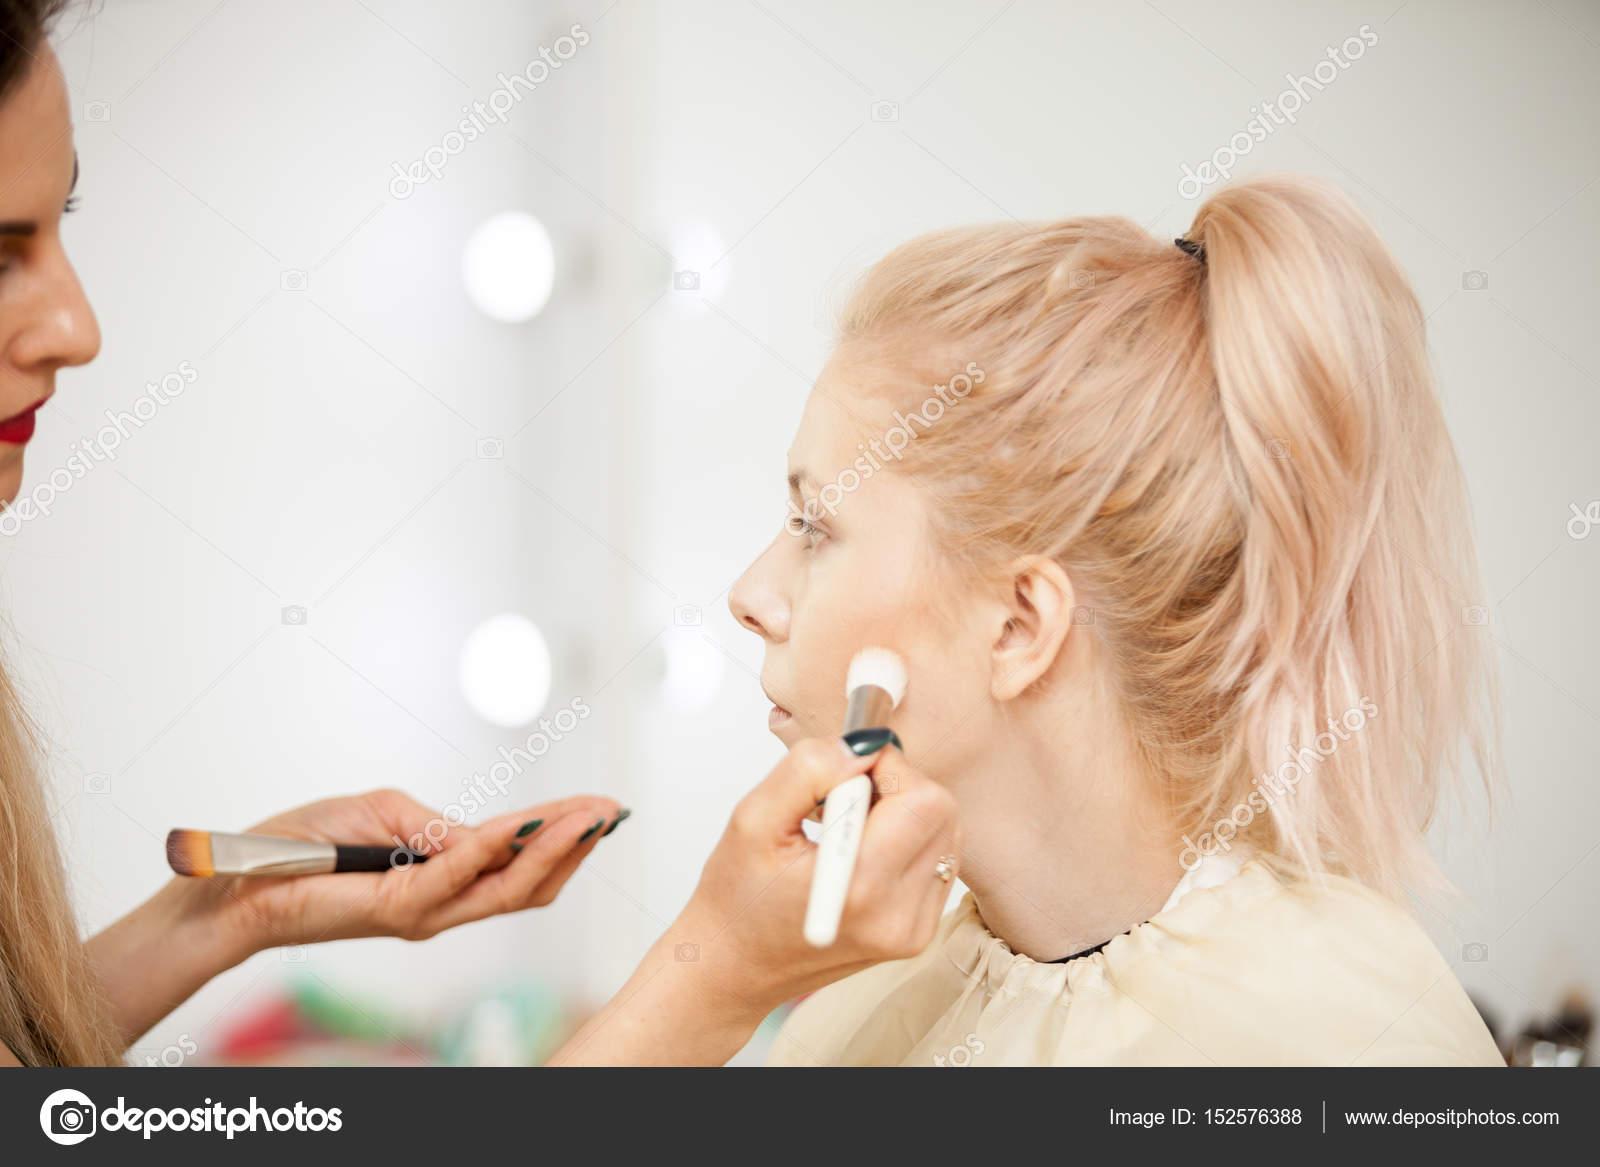 Bilder von blonden Models